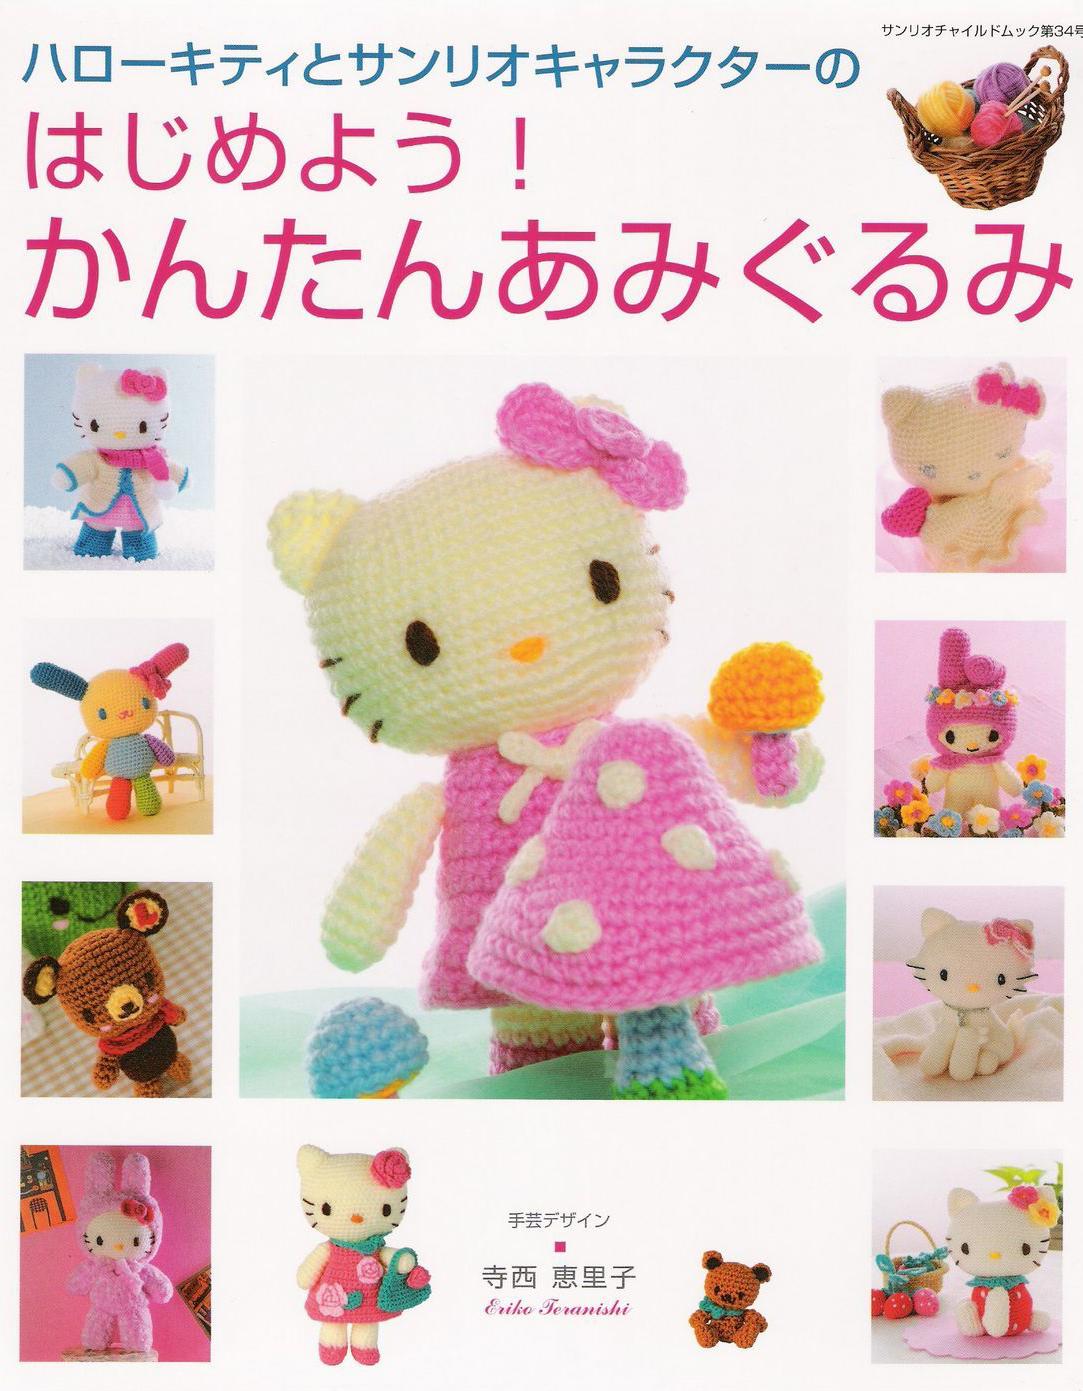 Revista Hello Kitty Amigurumi